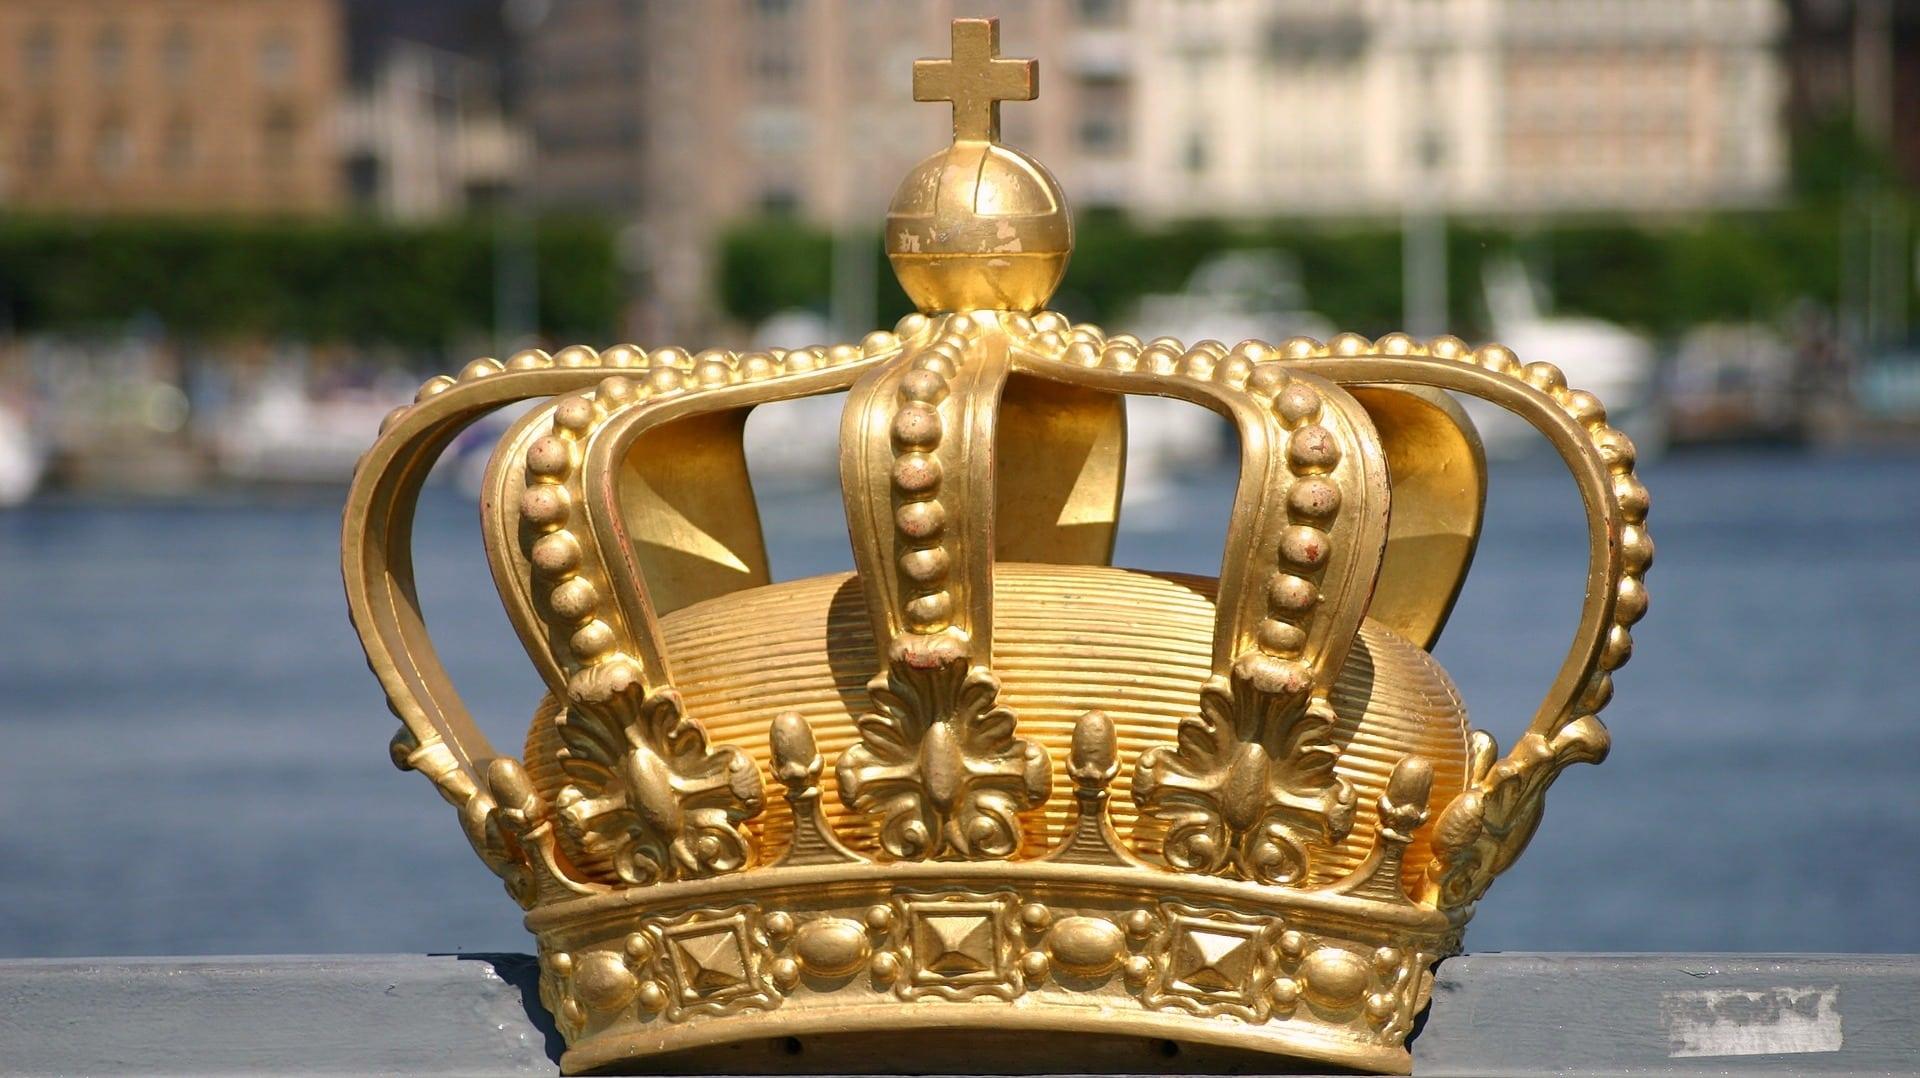 Die drei Kronen sind als Symbol Bestandteil des schwedischen Wappens